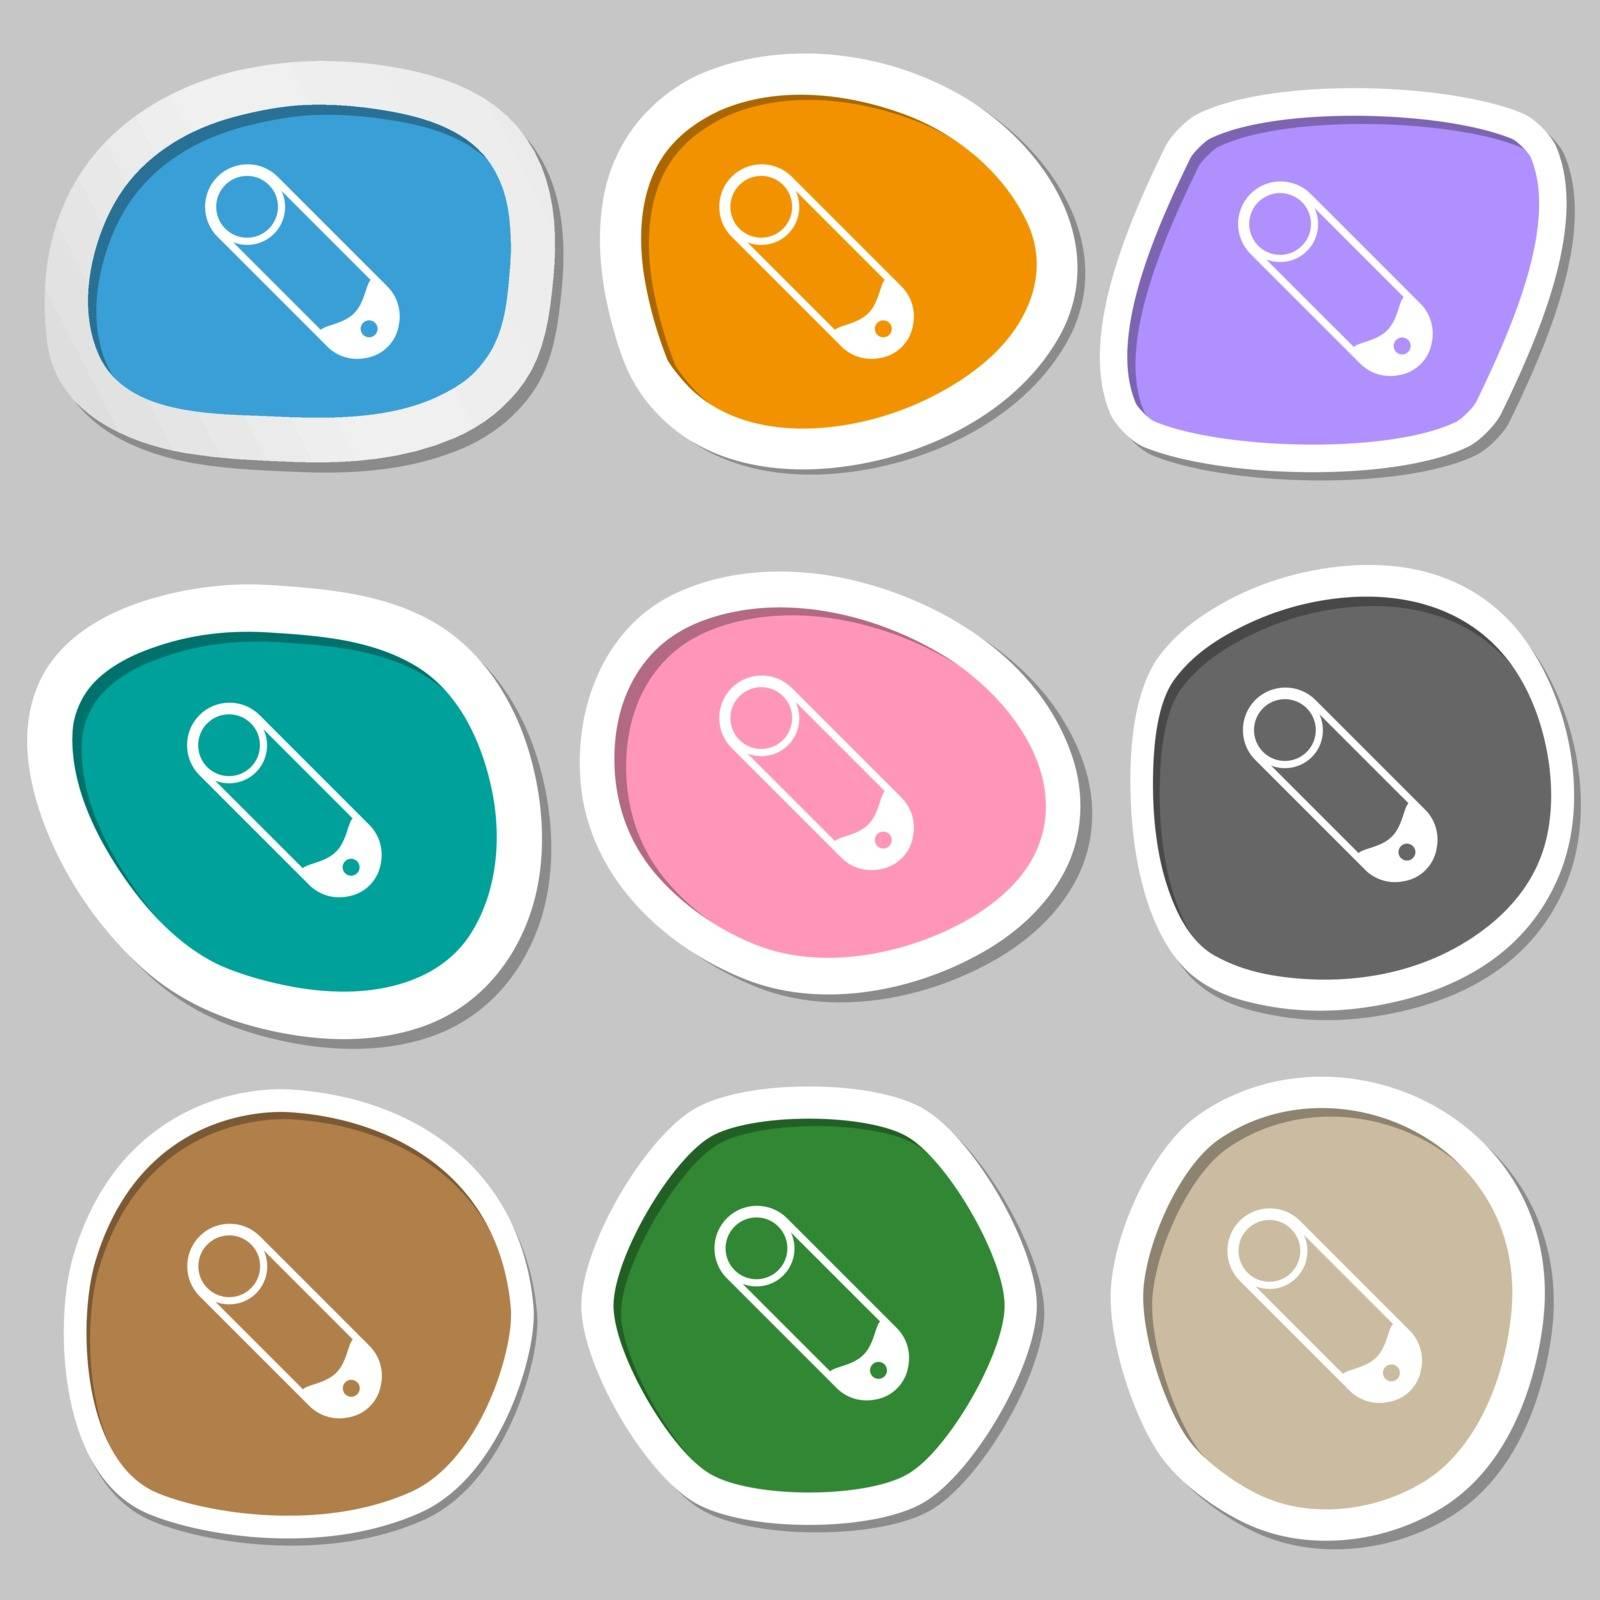 Pushpin icon symbols. Multicolored paper stickers. Vector illustration